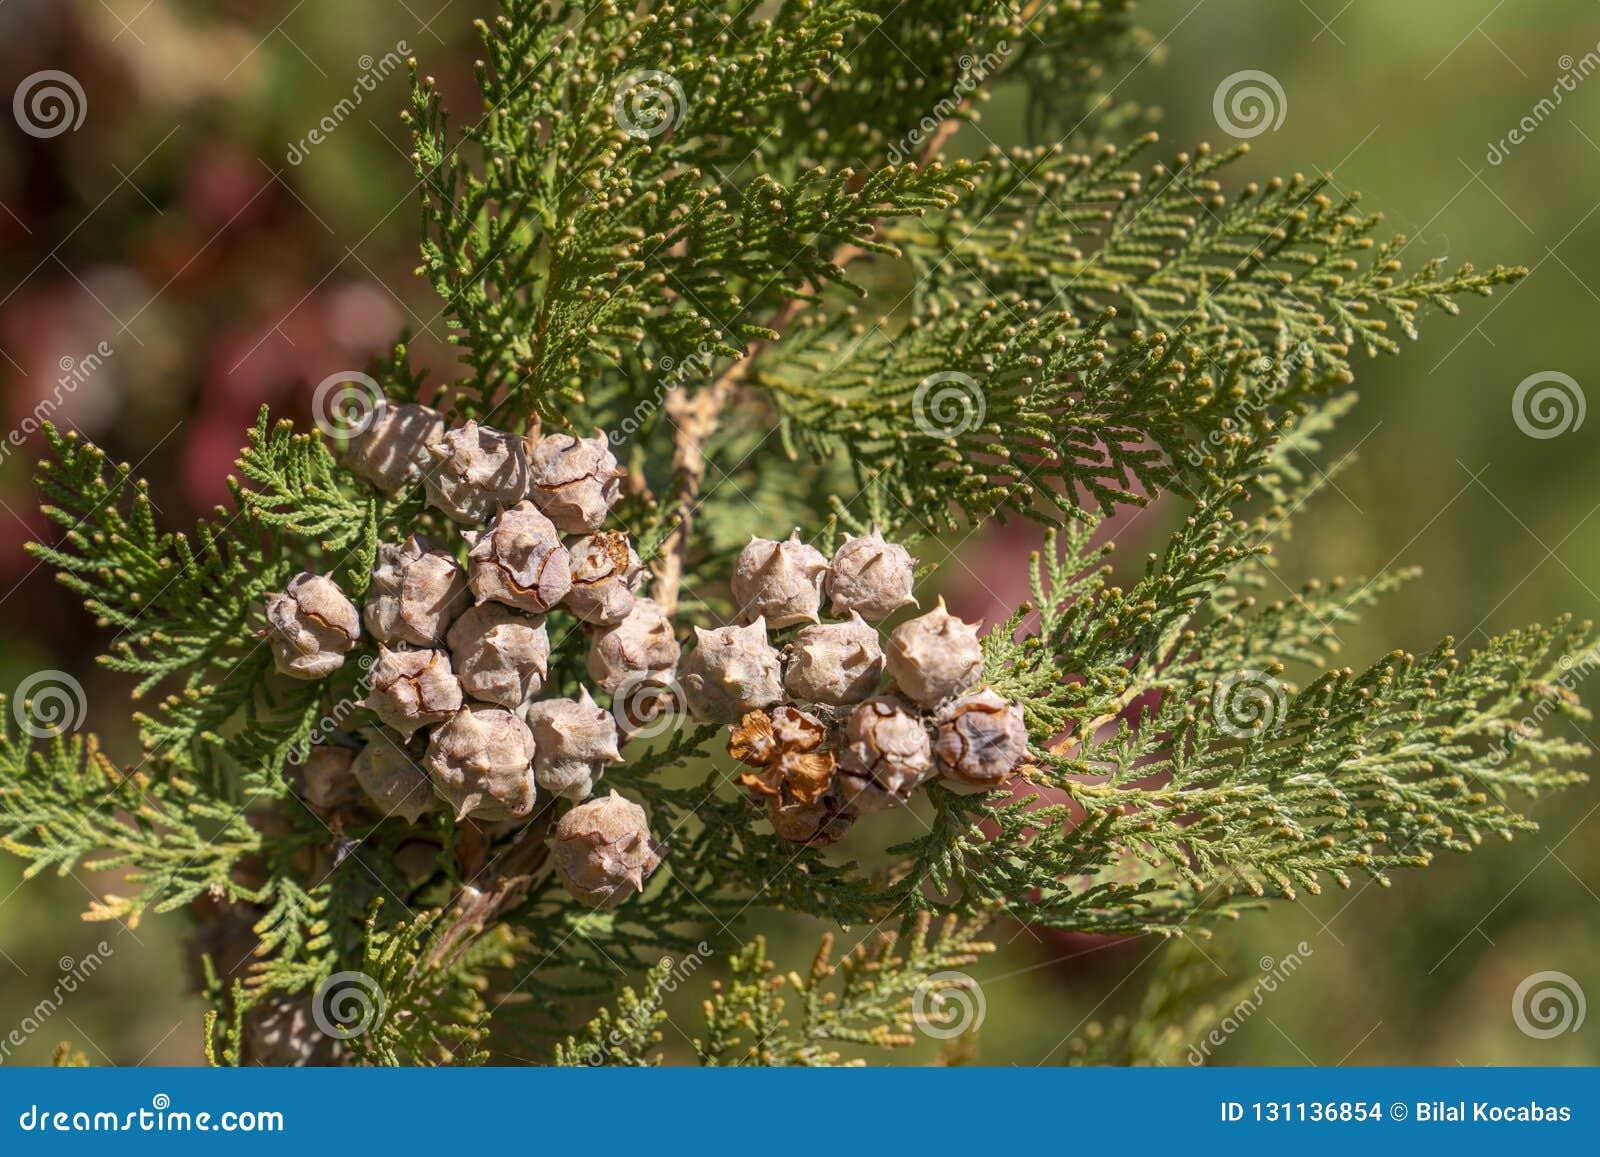 Kadzidłowi cedrowego drzewa Calocedrus decurrens rozgałęziają się z ziarnem,